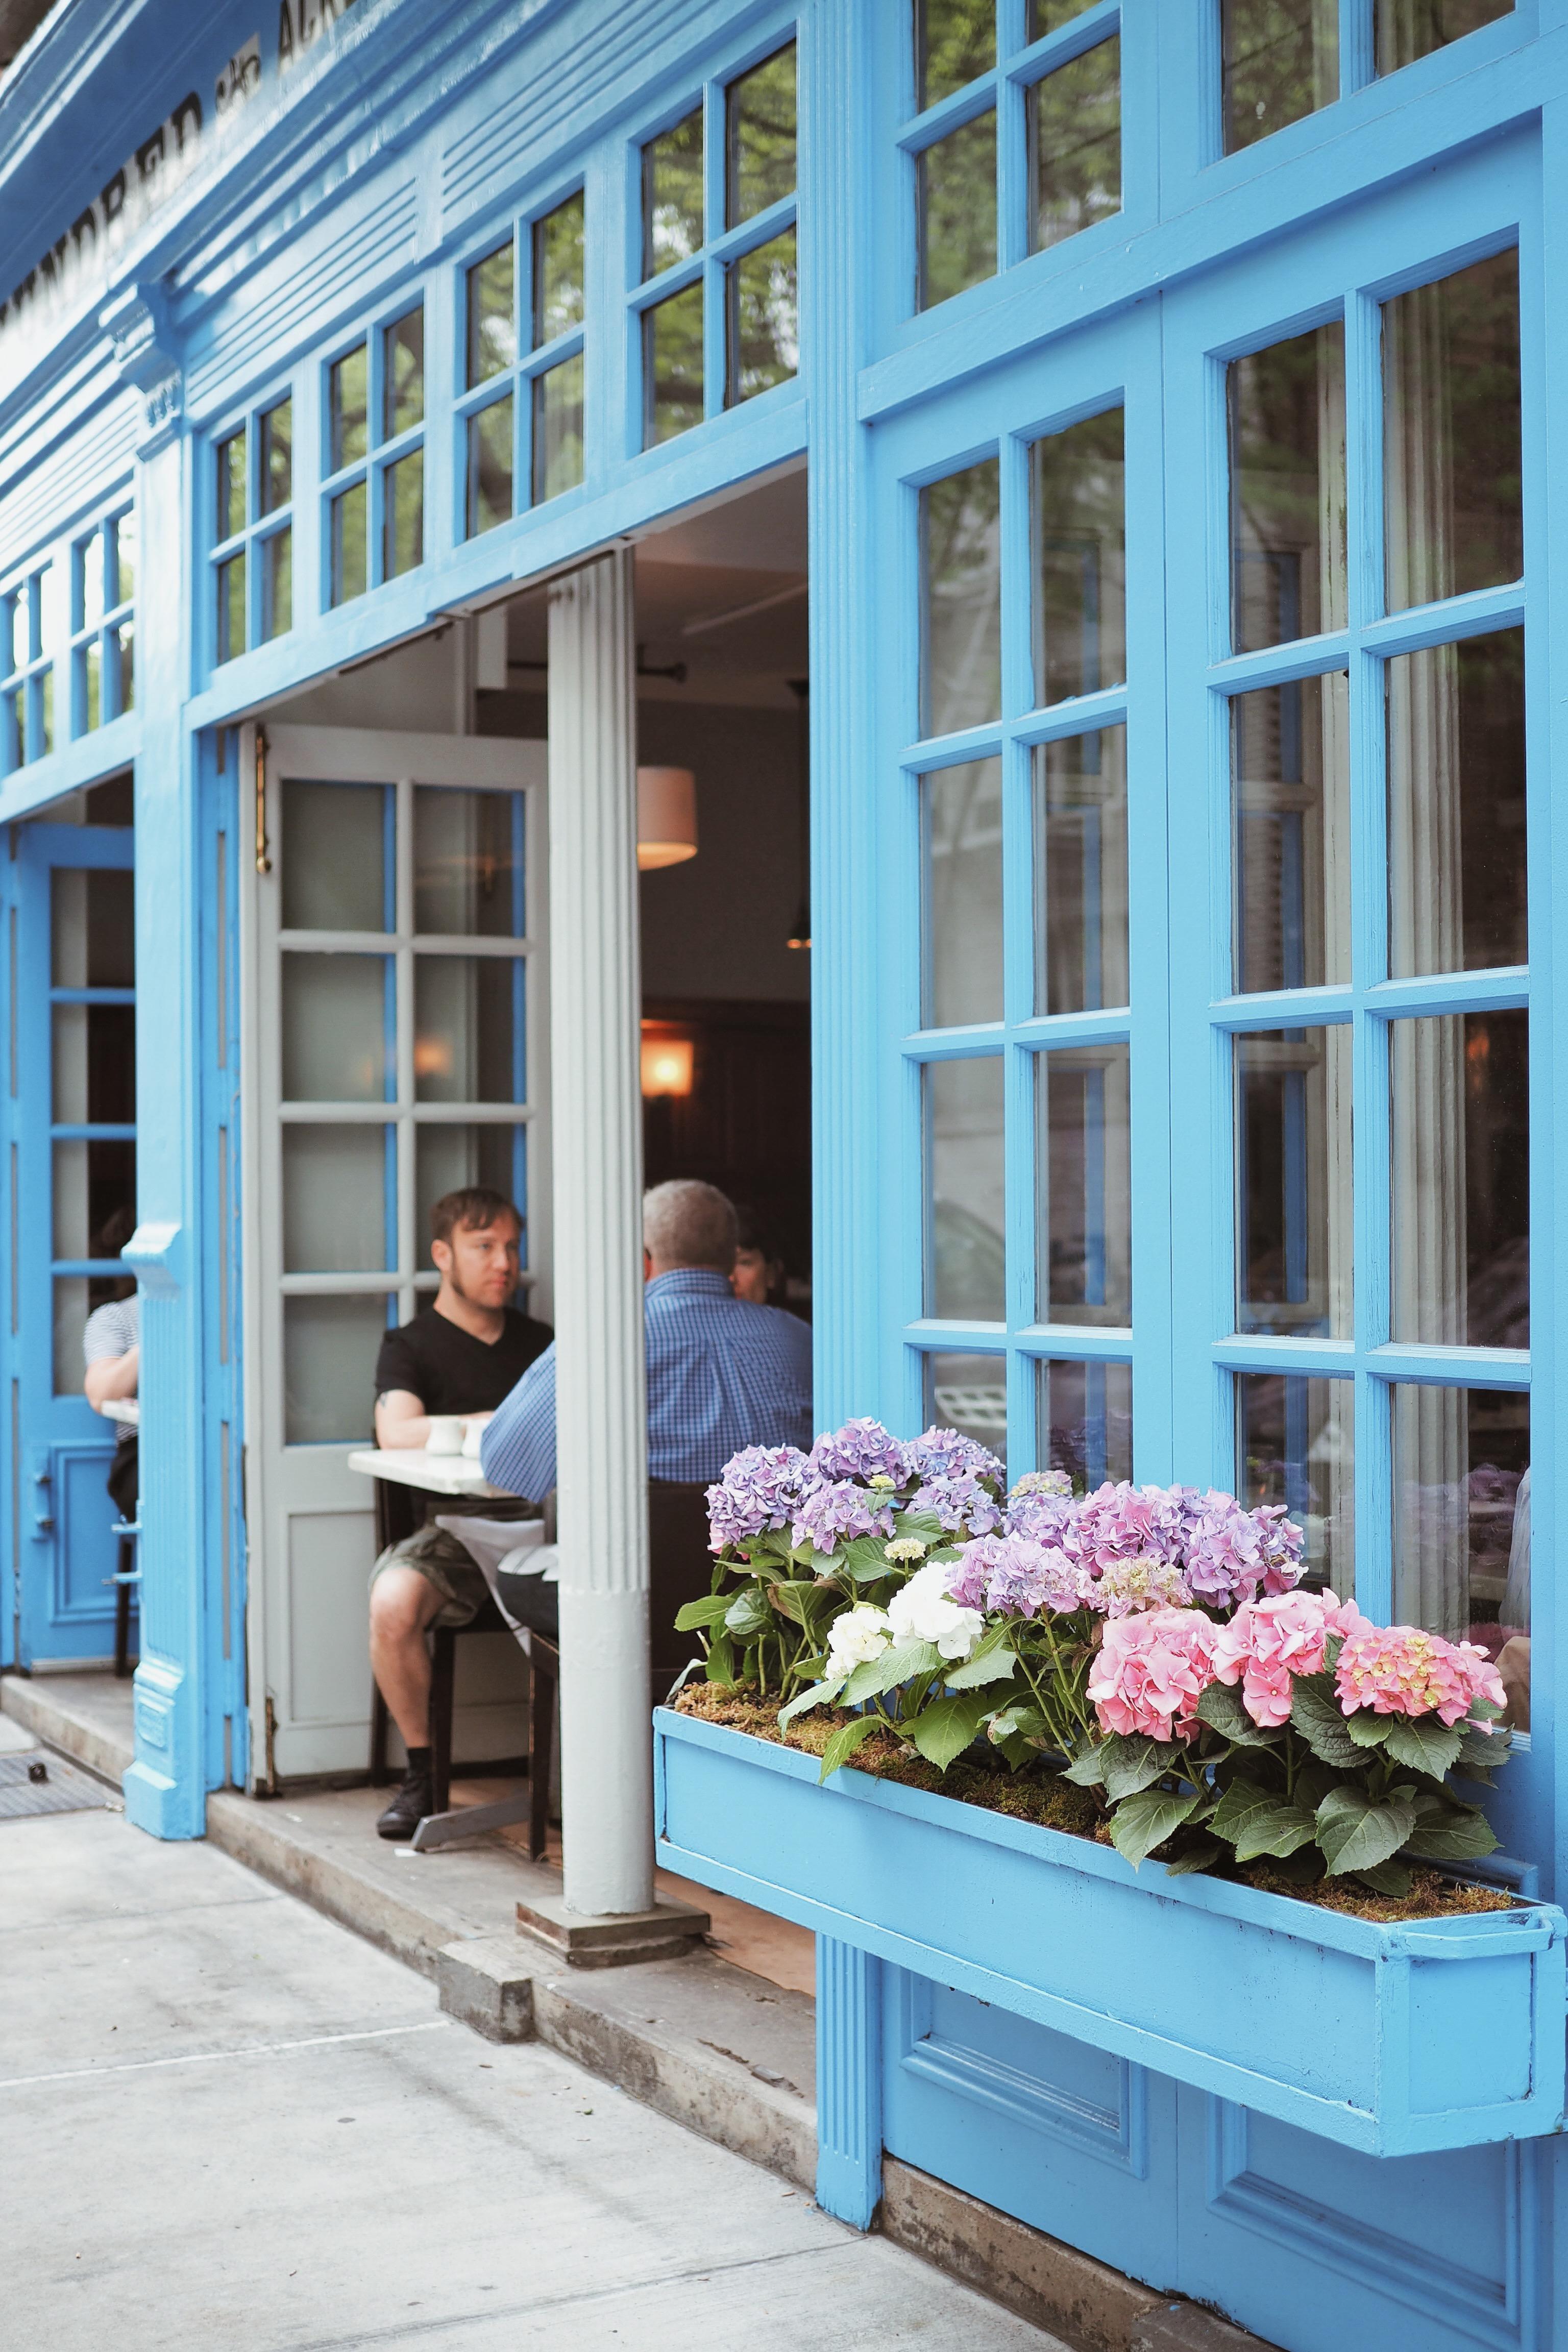 D couvrir new york en 4 jours seulement partie 1 manhattan mymy cie - Office de tourisme de new york ...